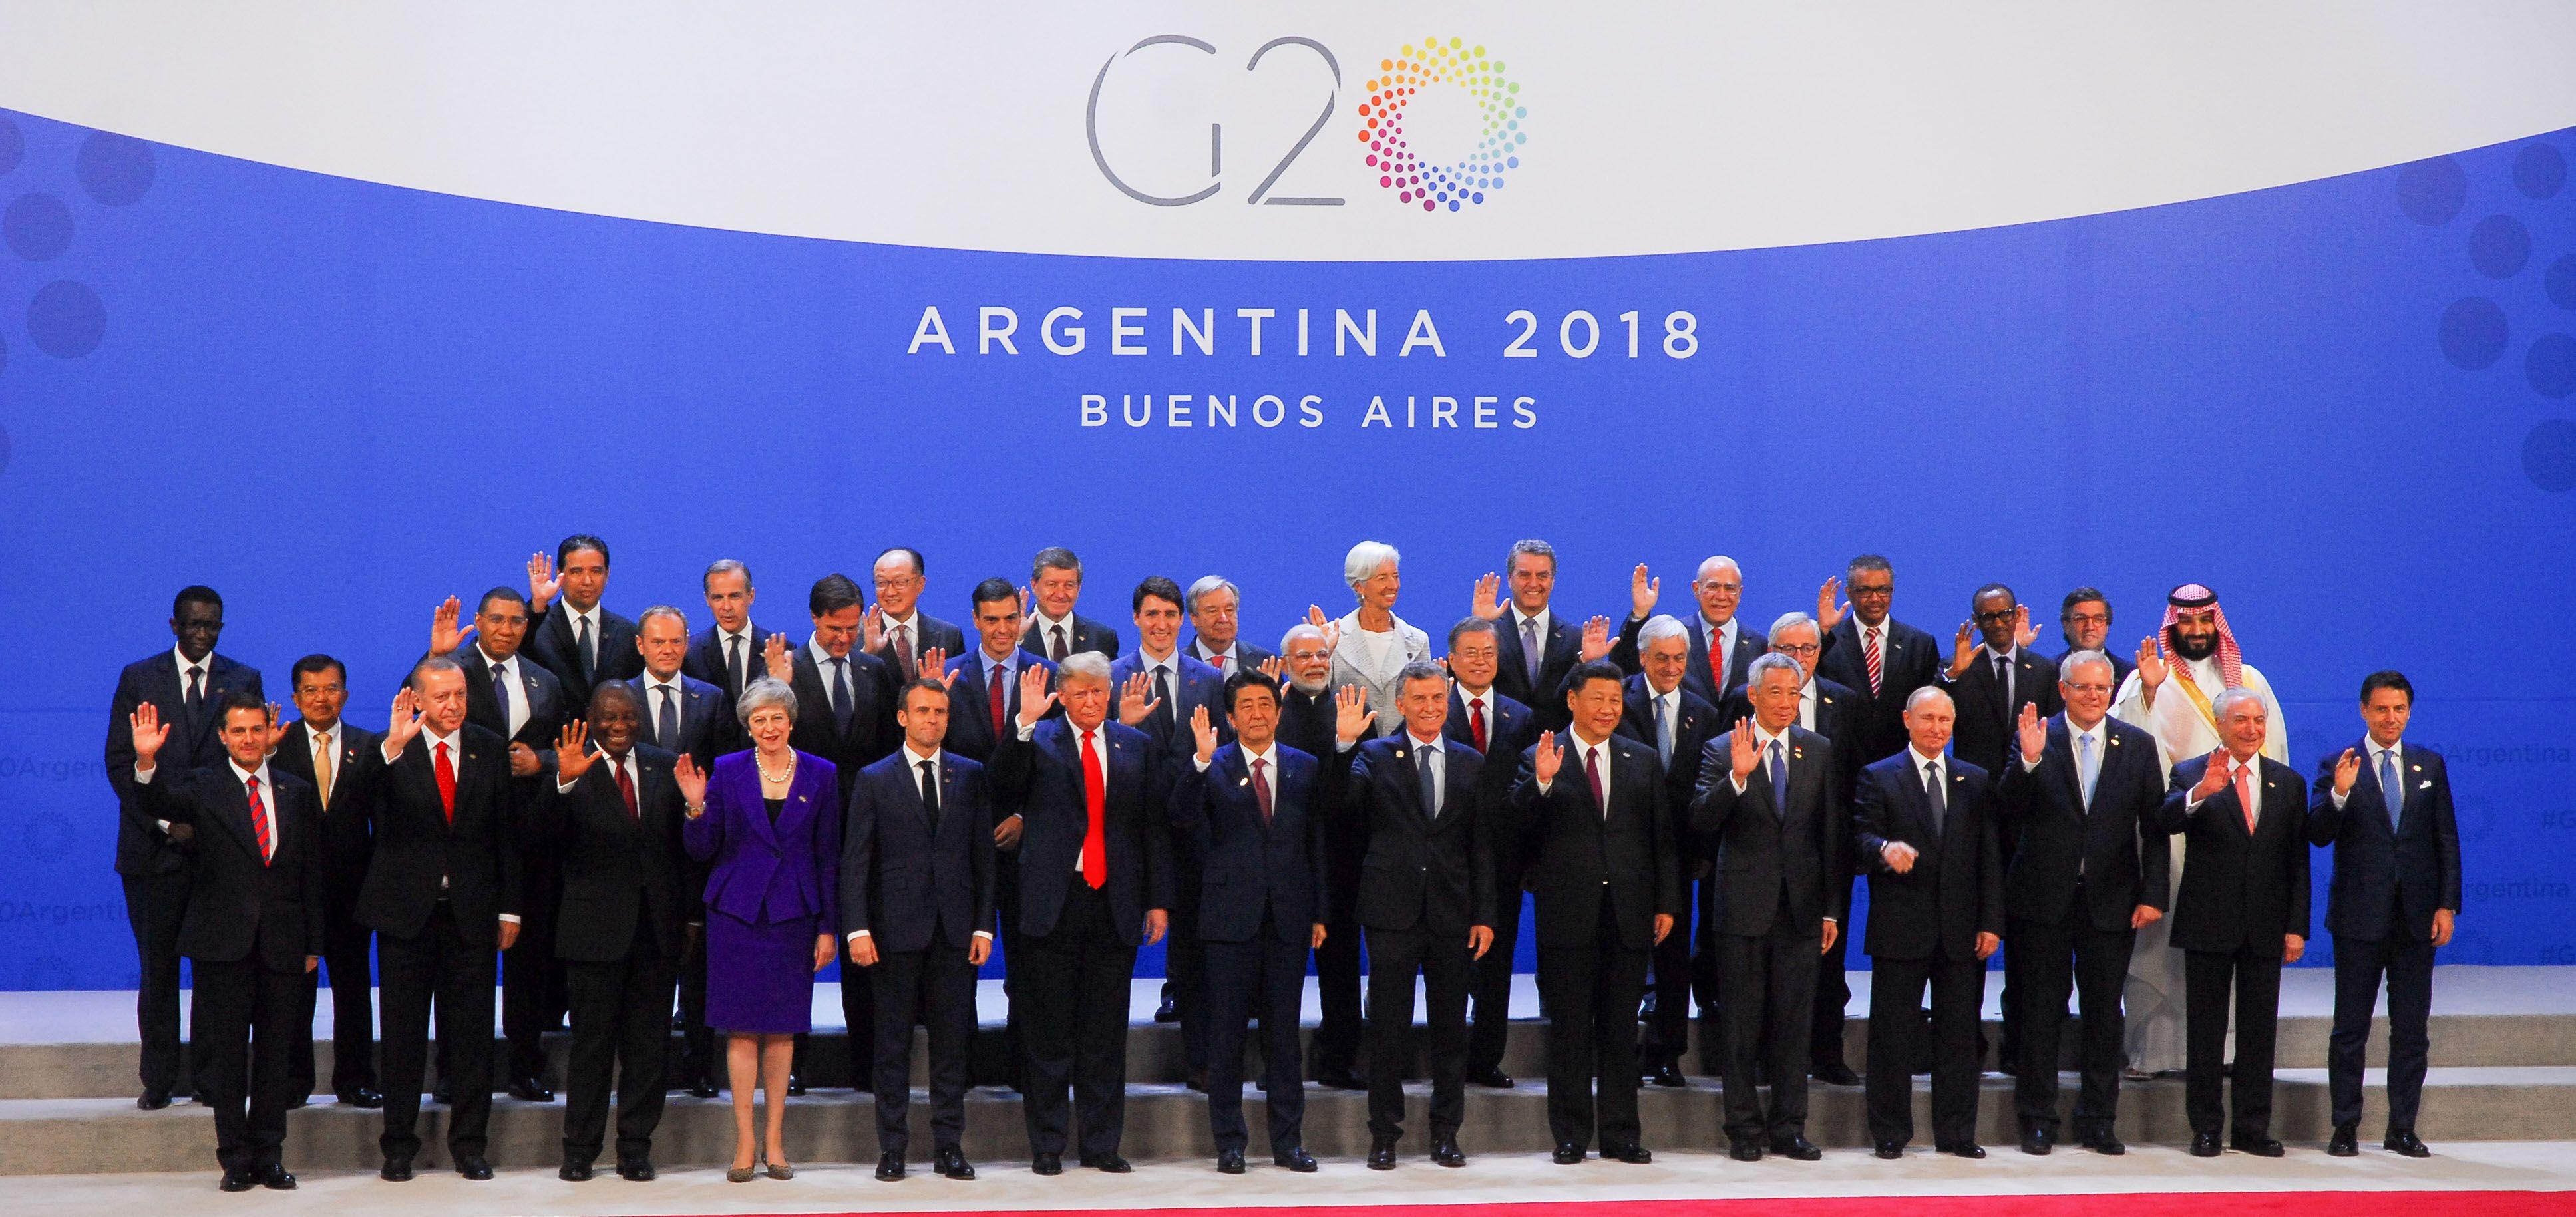 En Inglaterra se preguntan por qué Argentina integra el G20